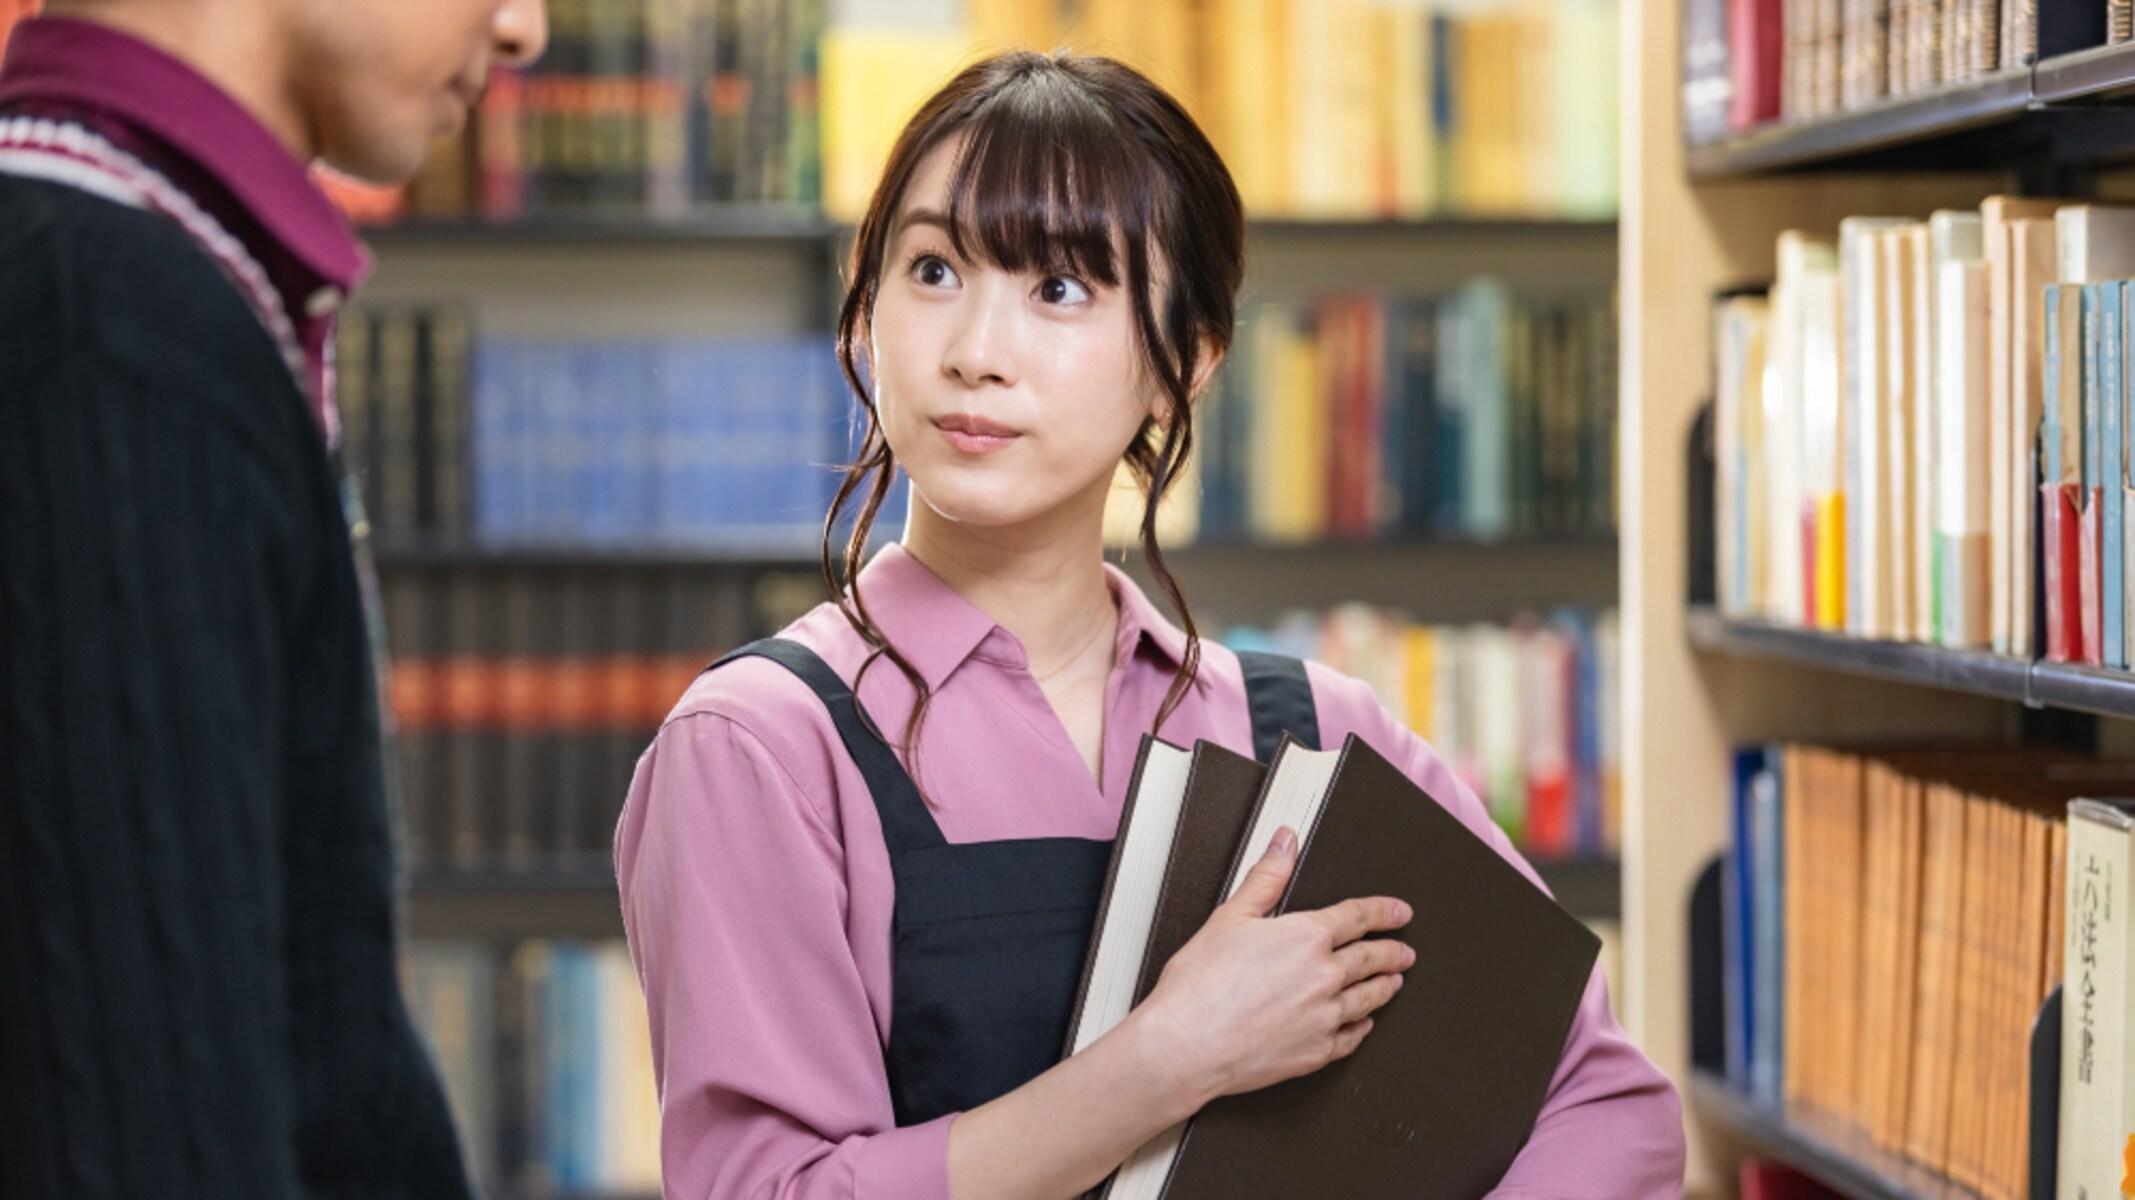 図書購入を依頼したら「高額すぎるため保留」という回答が…大学図書館の存在意義をめぐって議論白熱